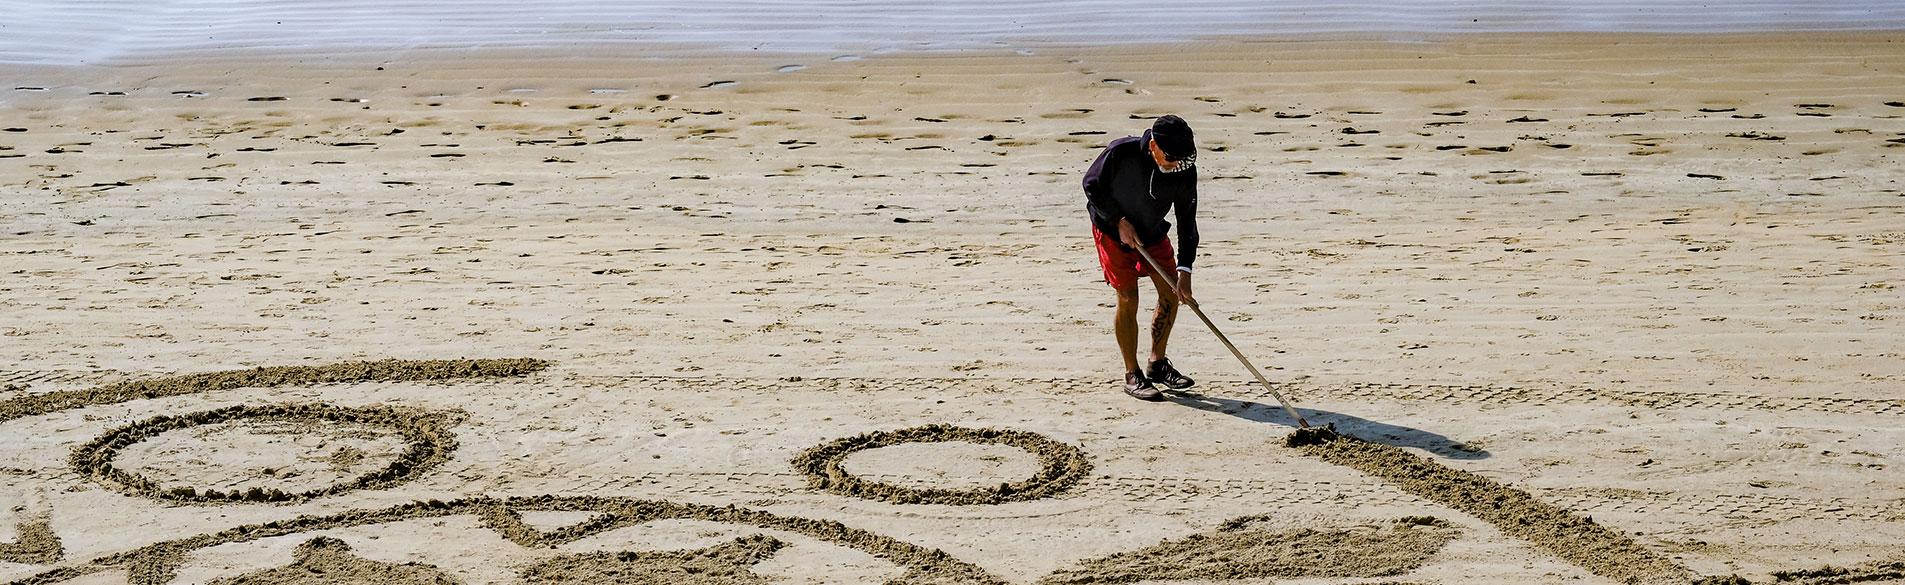 personne dessinant sur une plage des sables d'olonne